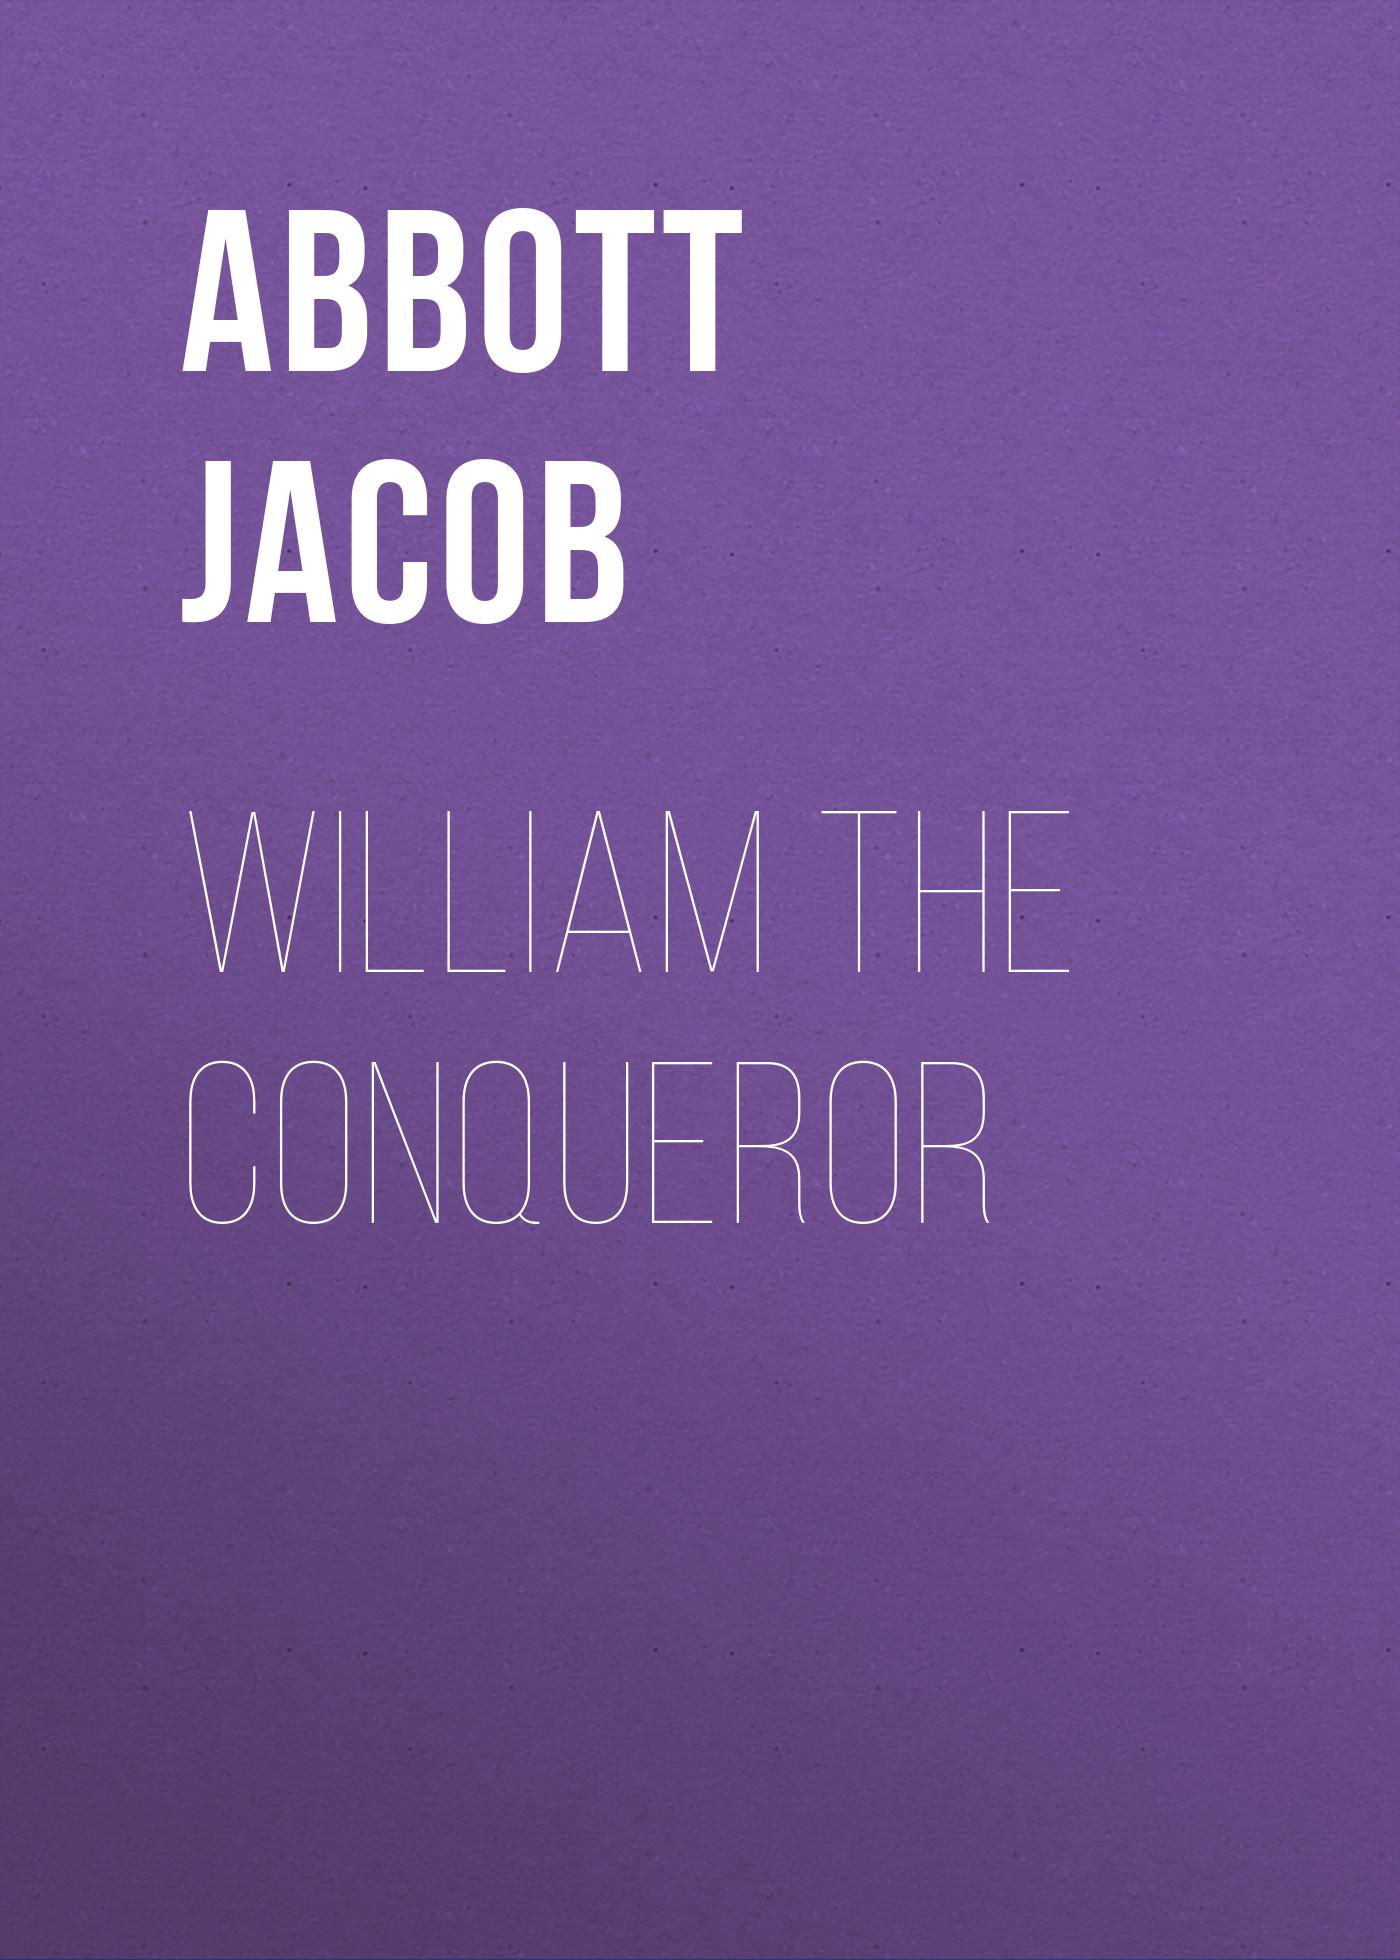 Abbott Jacob William the Conqueror the conqueror